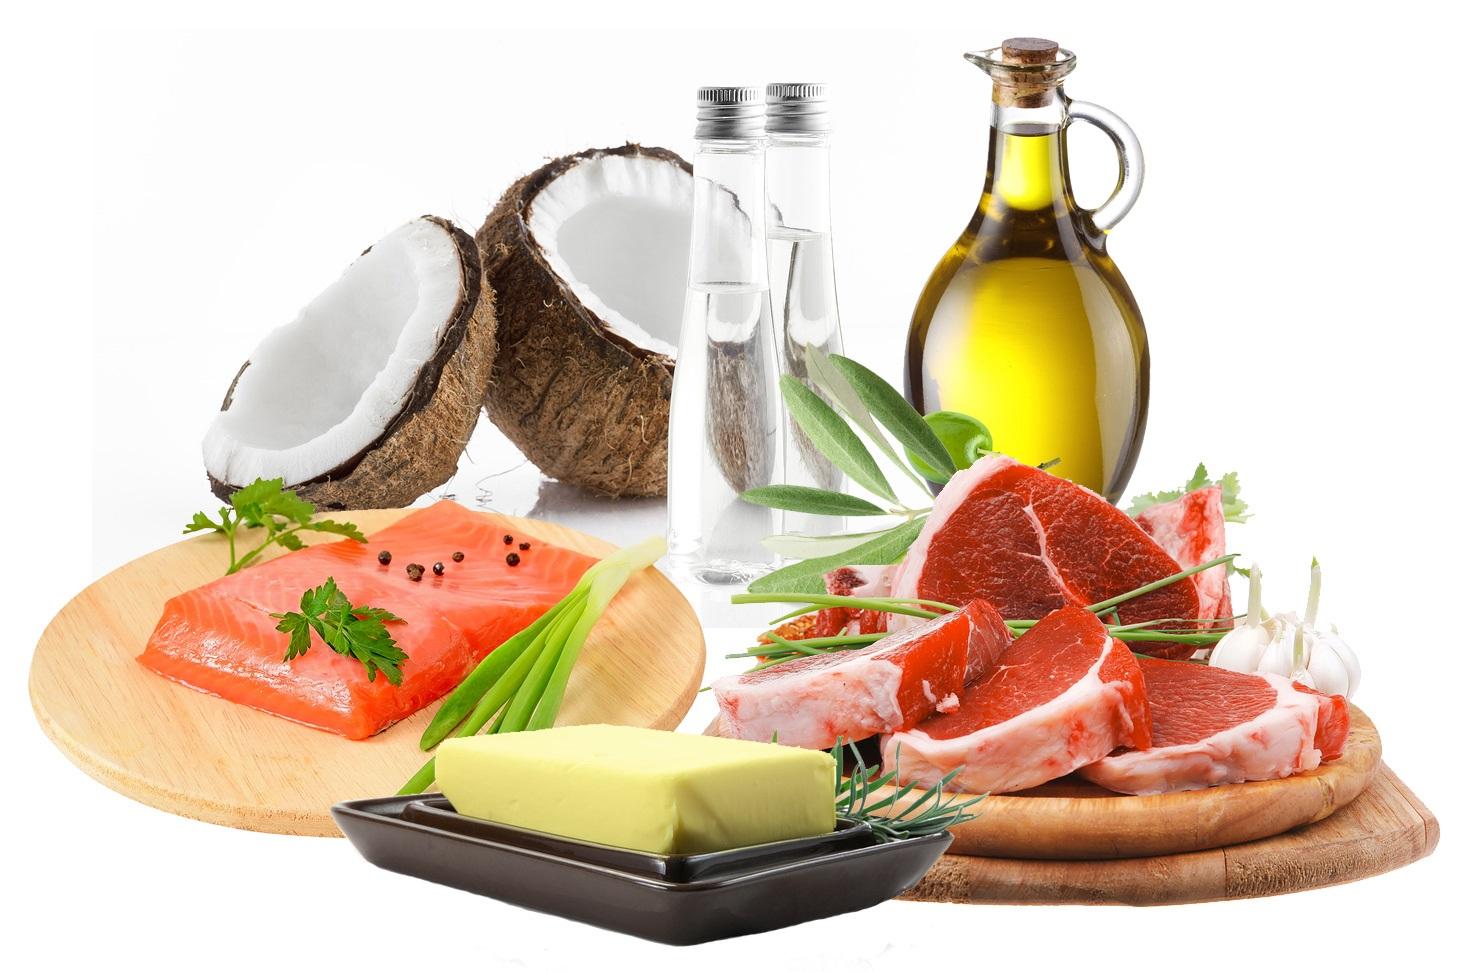 diete chetogeniche